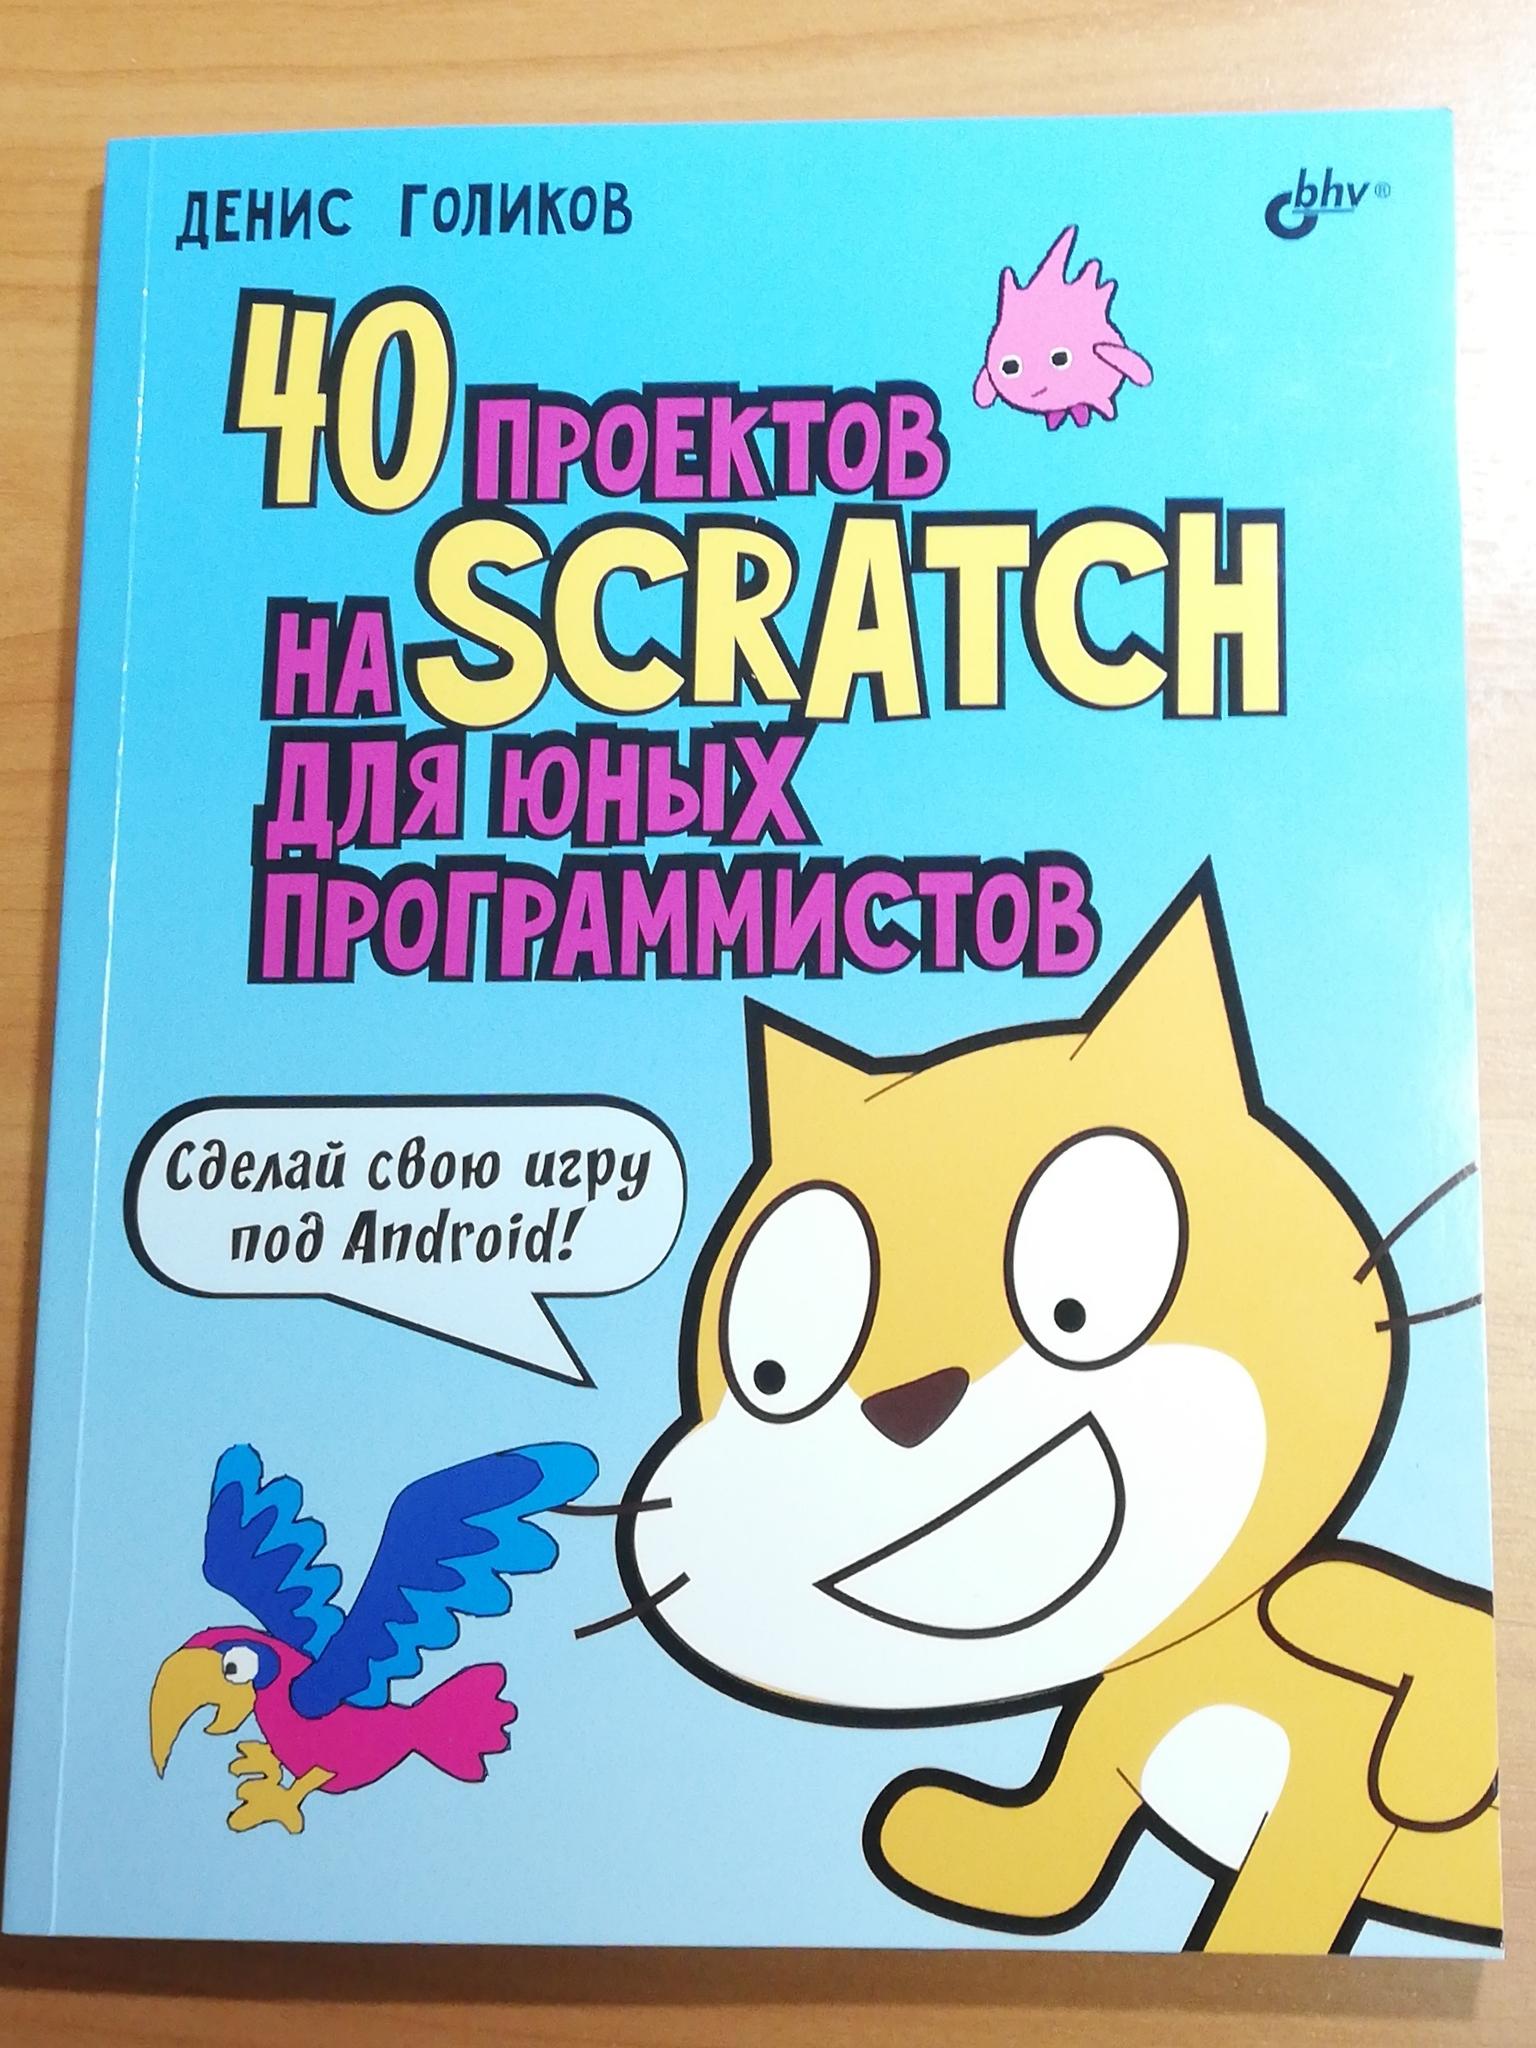 40 проектов на Scratch для юных программистов, основы программирования на языке Scratch (Д. Голиков)